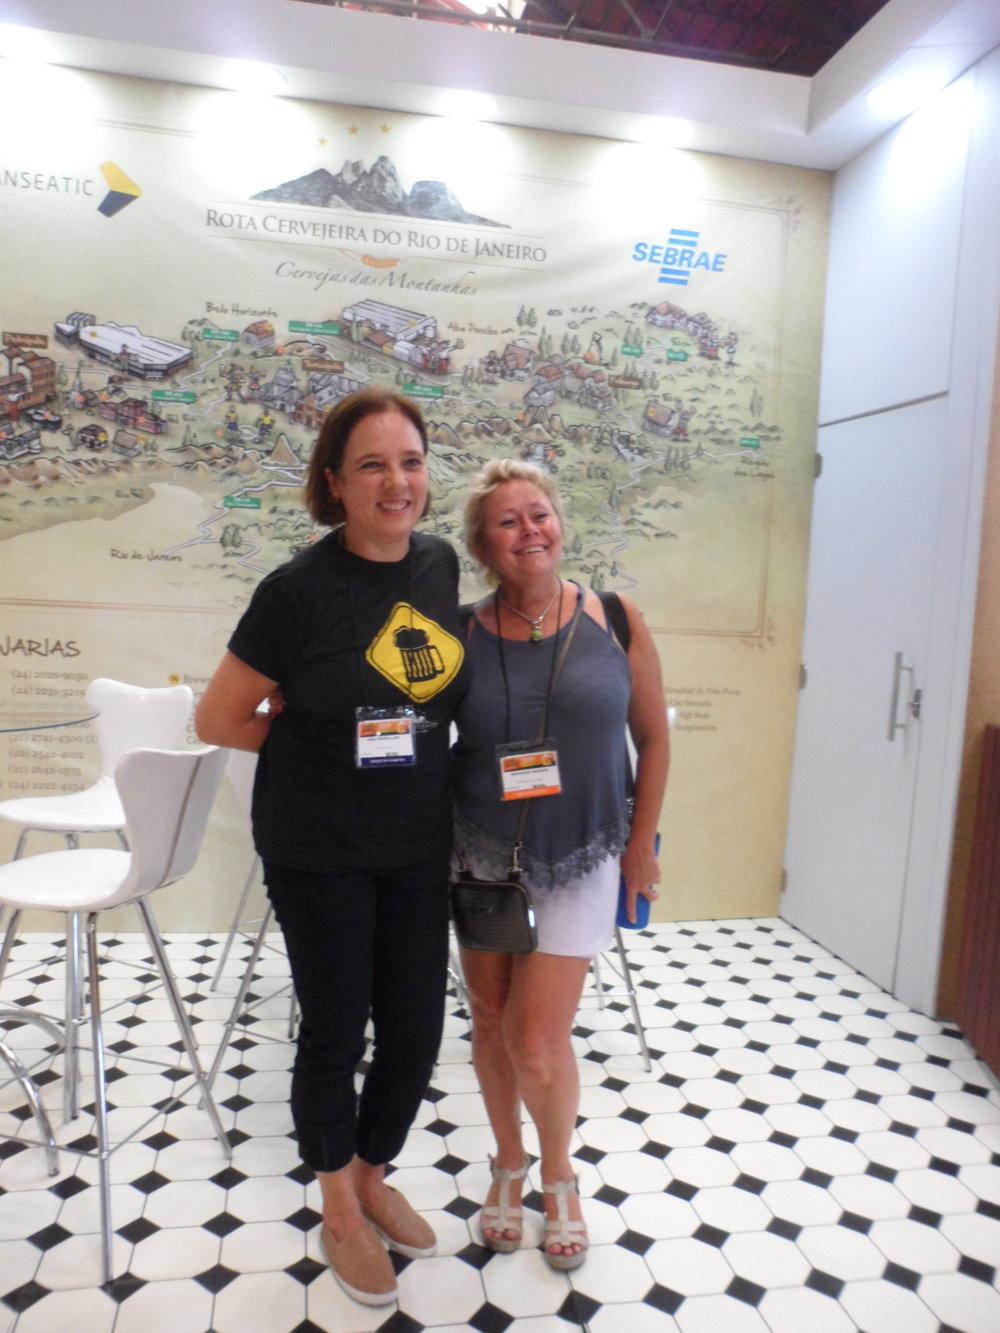 Coordenadora da Rota com a presidente do Mondial, Jeannine Marois (Foto: Divulgação)